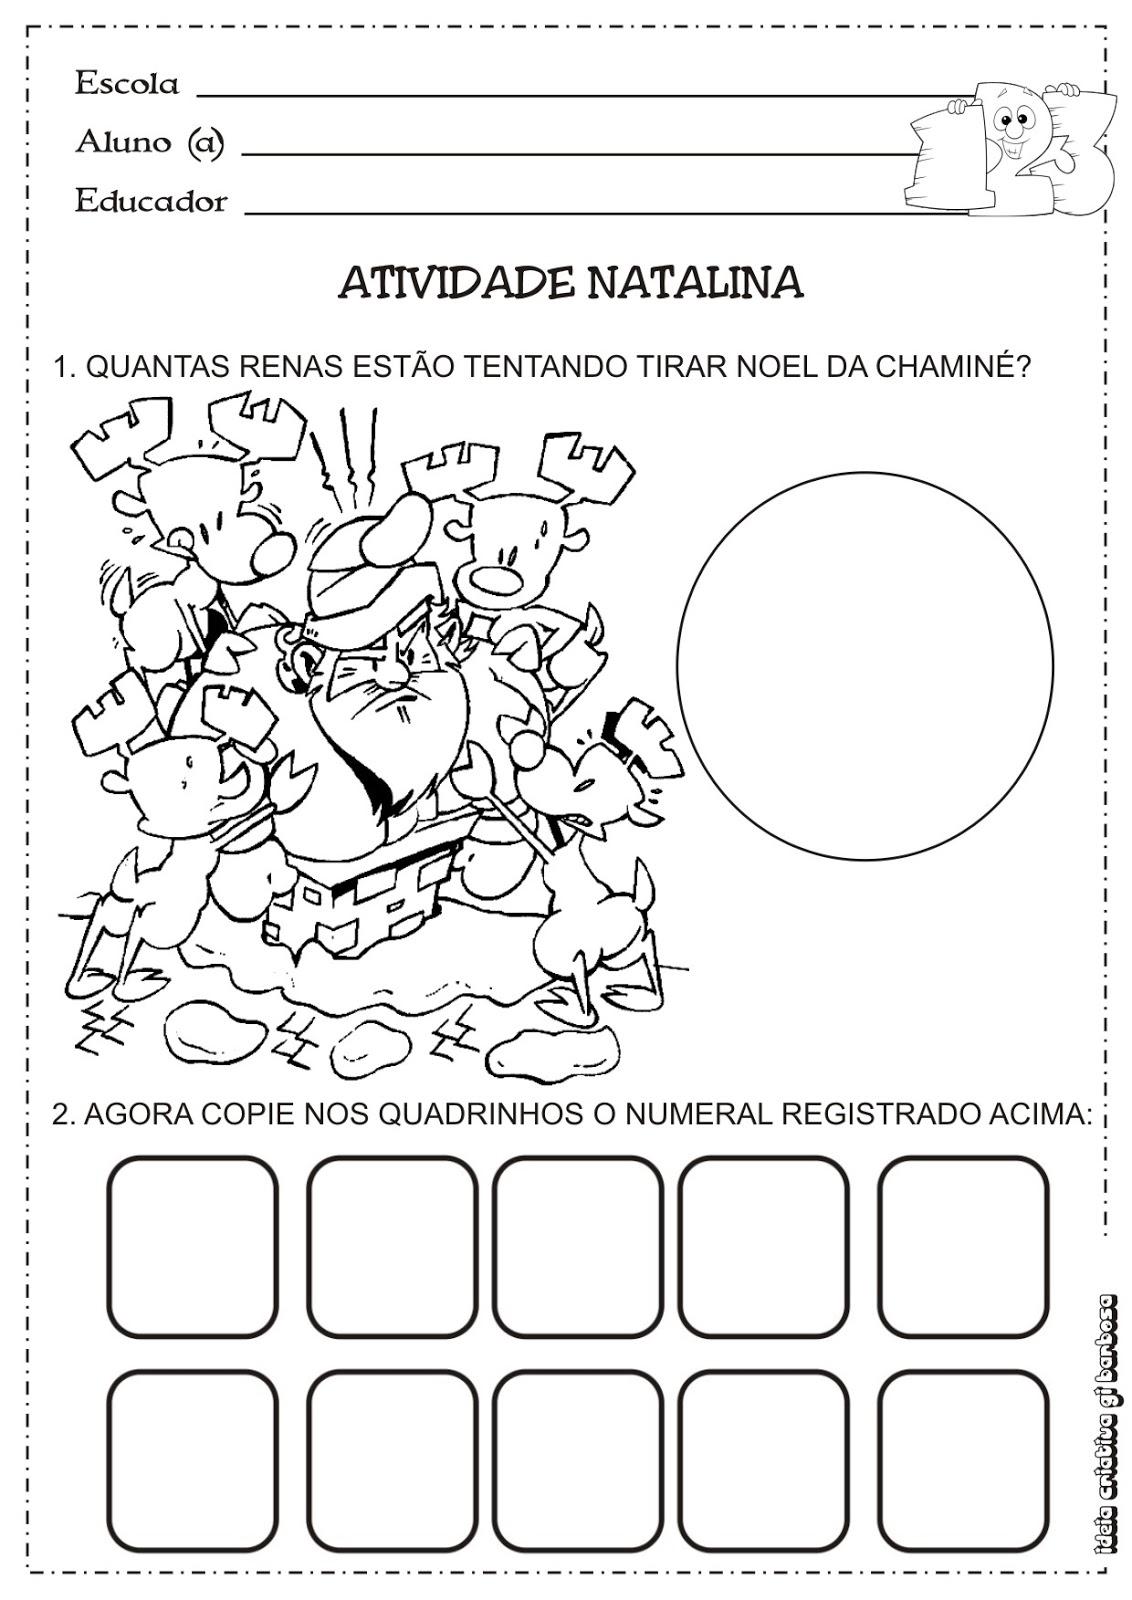 Favoritos Matemática Infantil: Atividade Matemática Educação Infantil  SM12